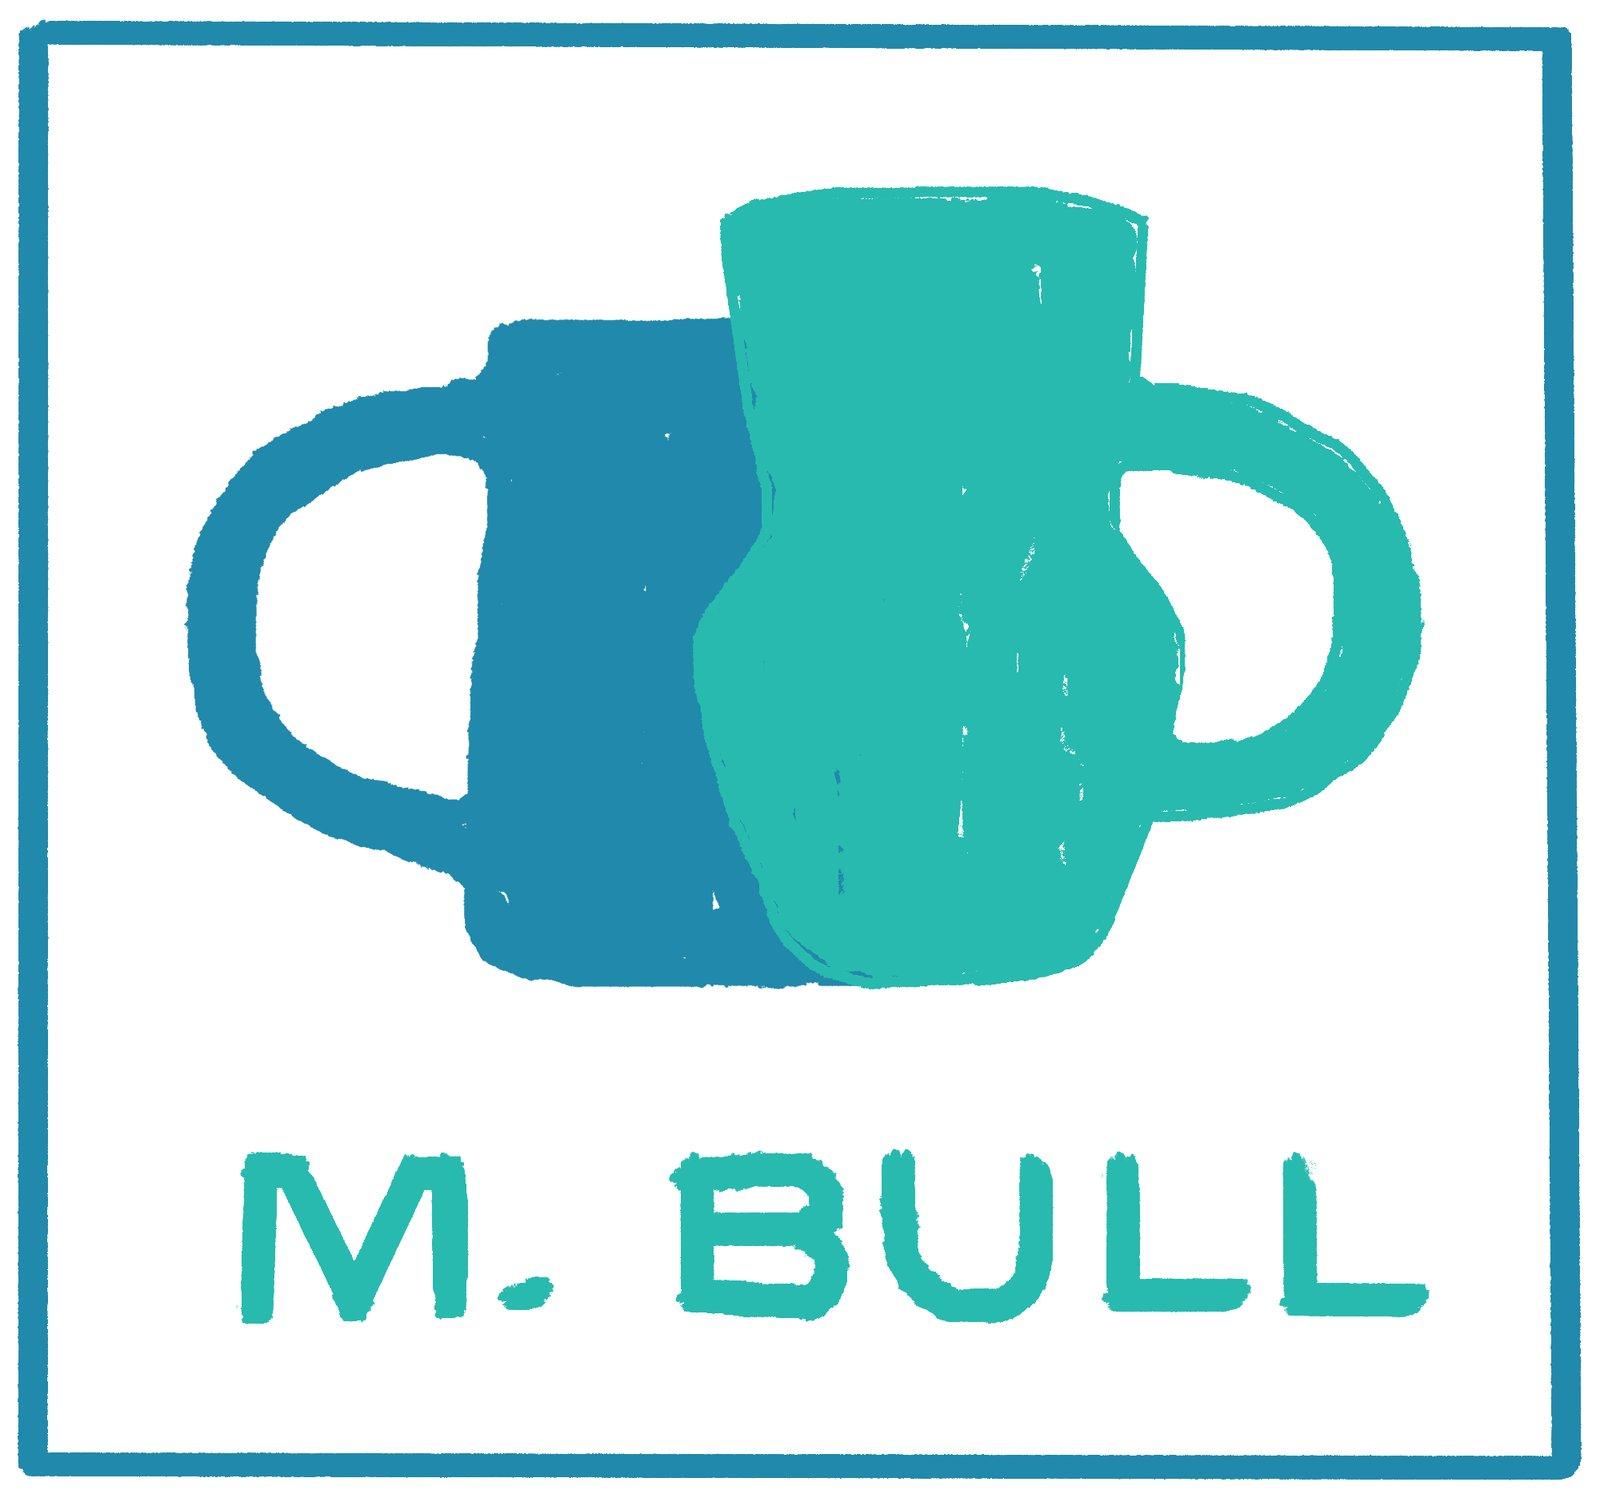 Marian Bull